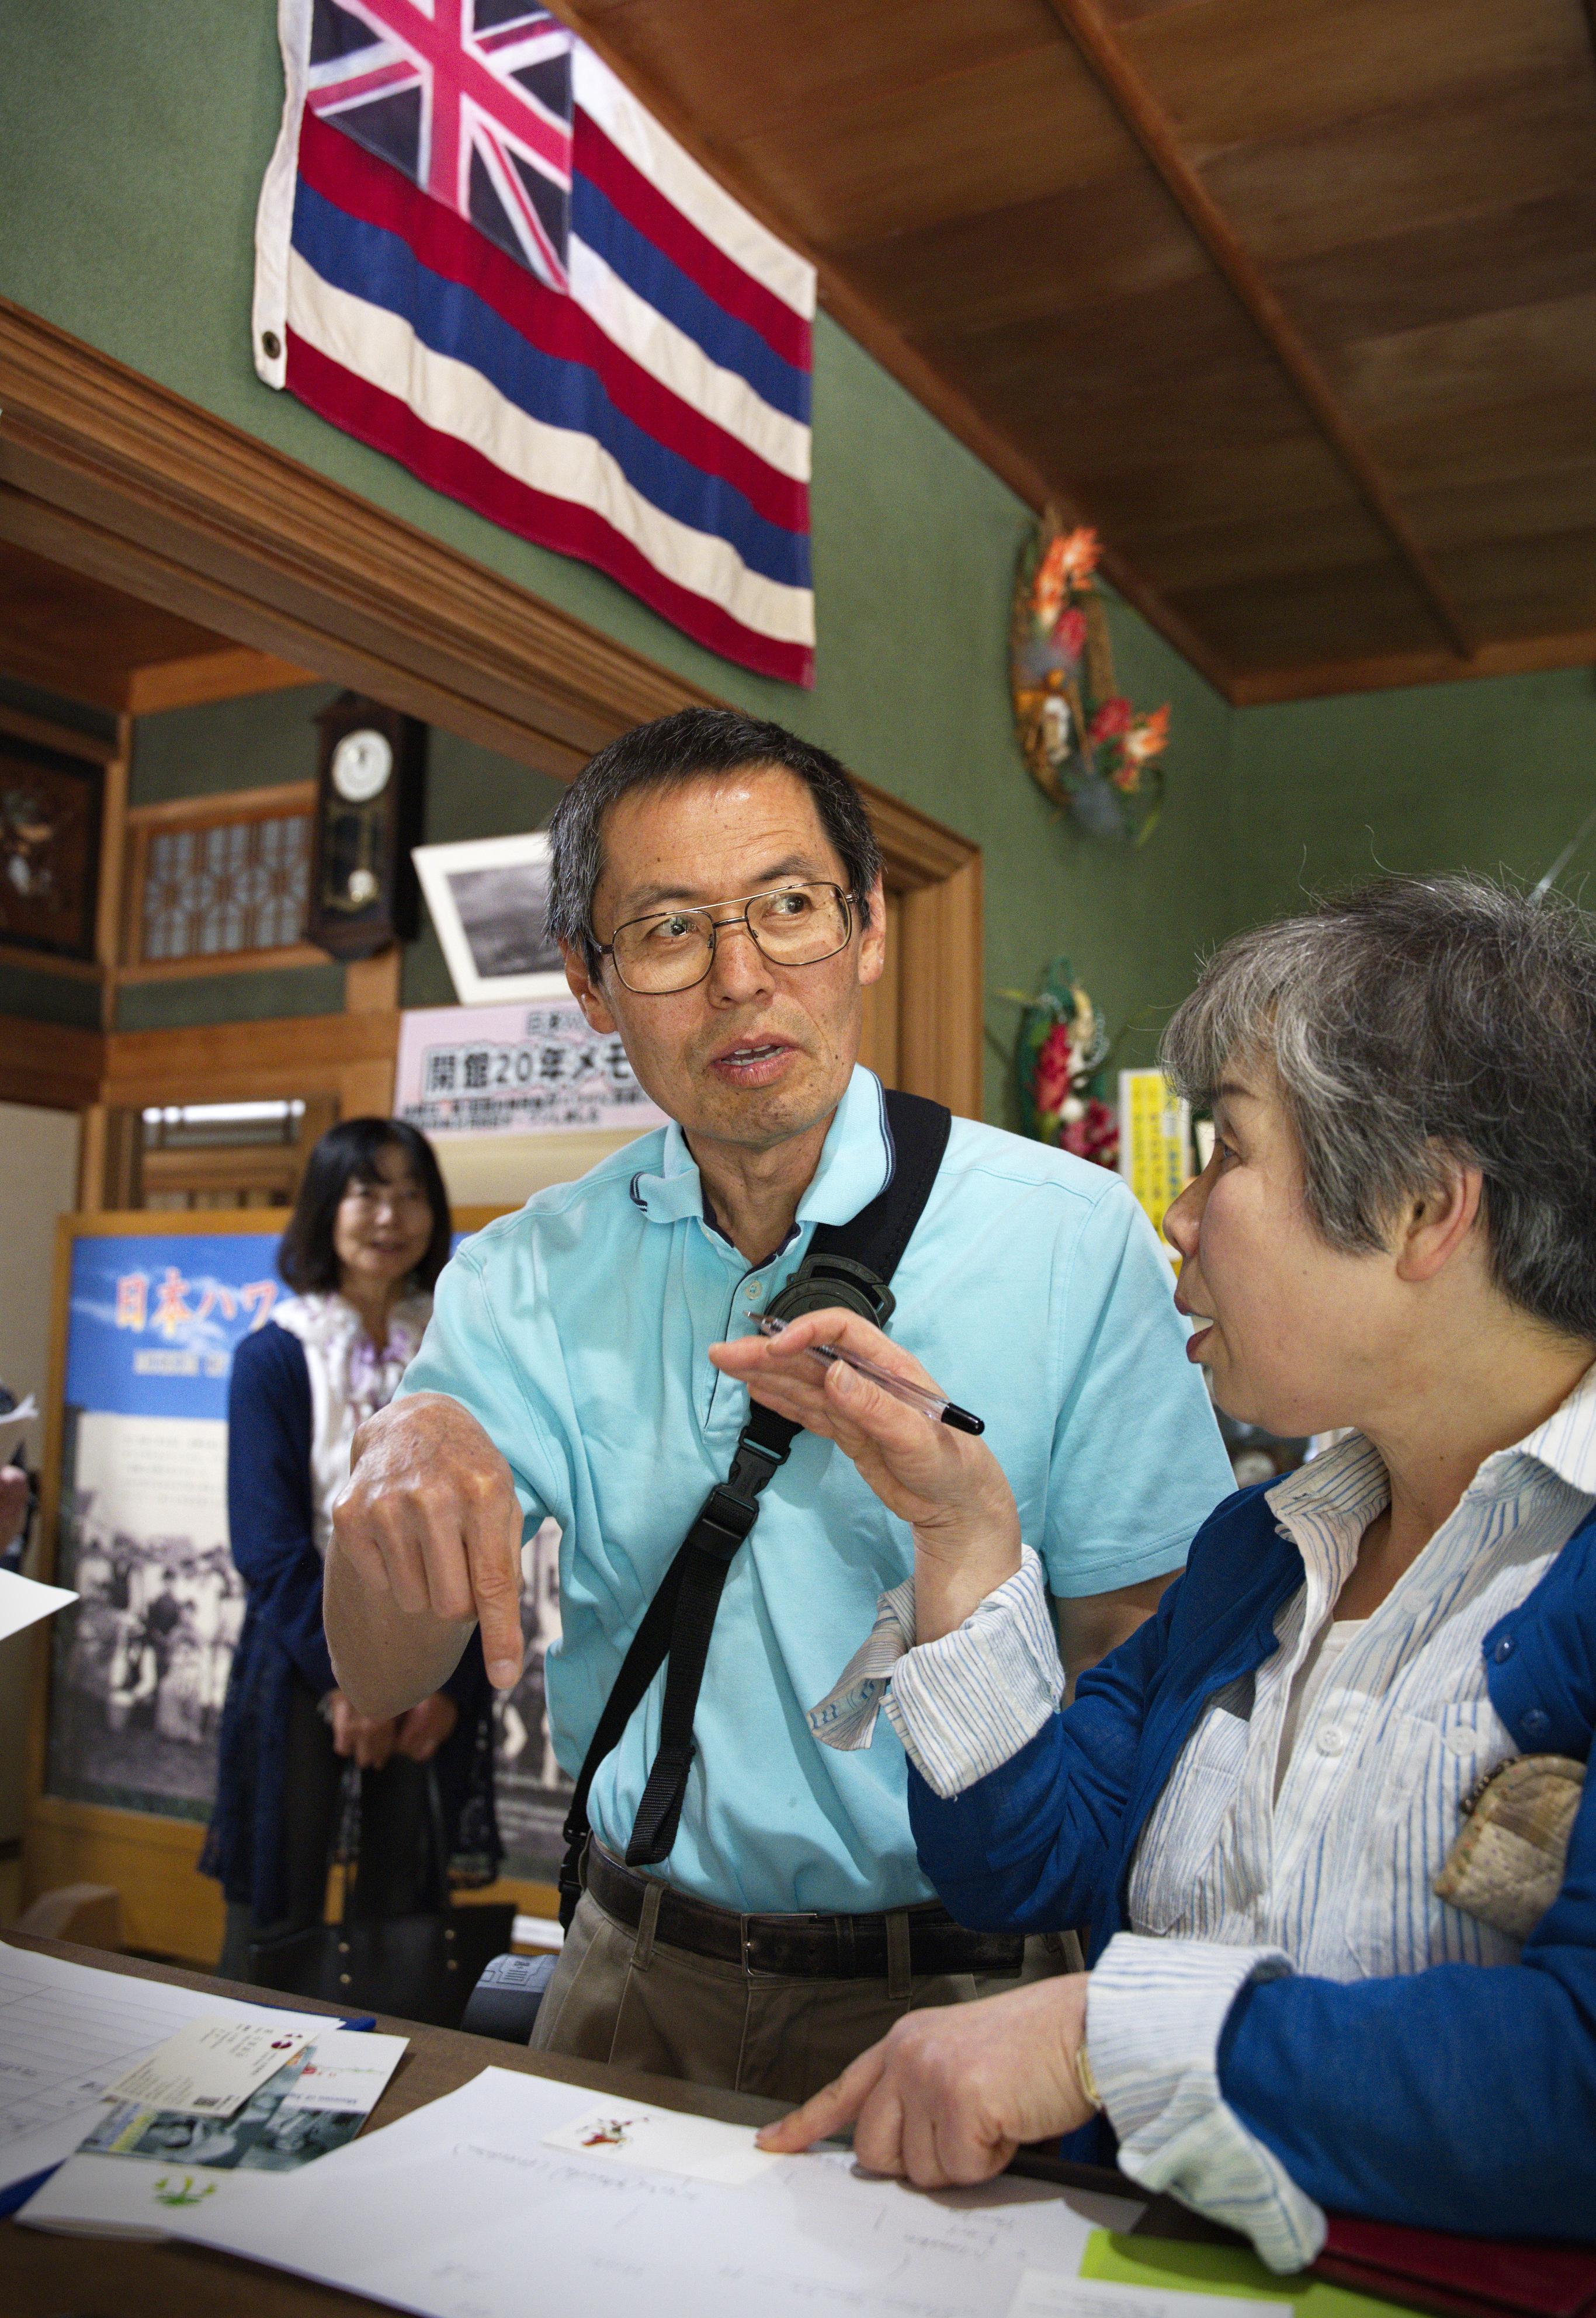 日本ハワイ移民資料館を訪れたヨネオカ・ヤスシ・エドウィン(左)。資料館にはハワイ州旗が飾られ、日系人たちが使った日用品などが展示されている=山口県周防大島町